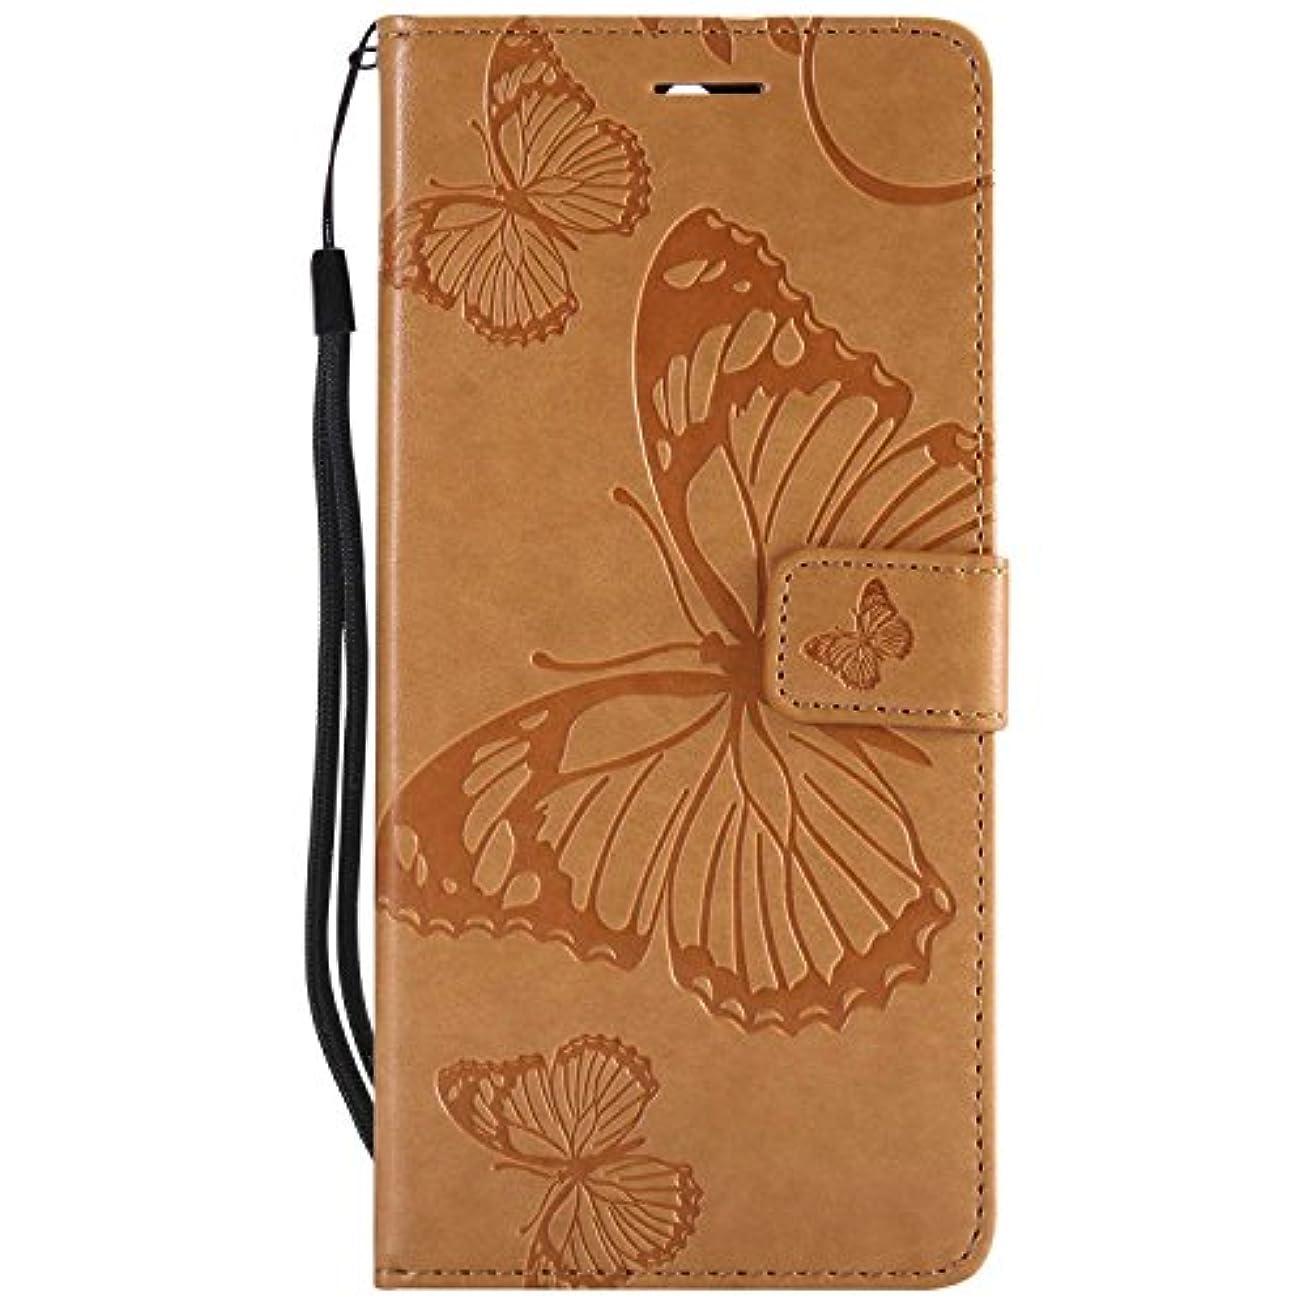 主張狂乱スクリューCUSKING Huawei Mate 10 Lite ケース Huawei Mate 10 Lite カバー ファーウェイ 手帳ケース カードポケット スタンド機能 蝶柄 スマホケース かわいい レザー 手帳 - 黄